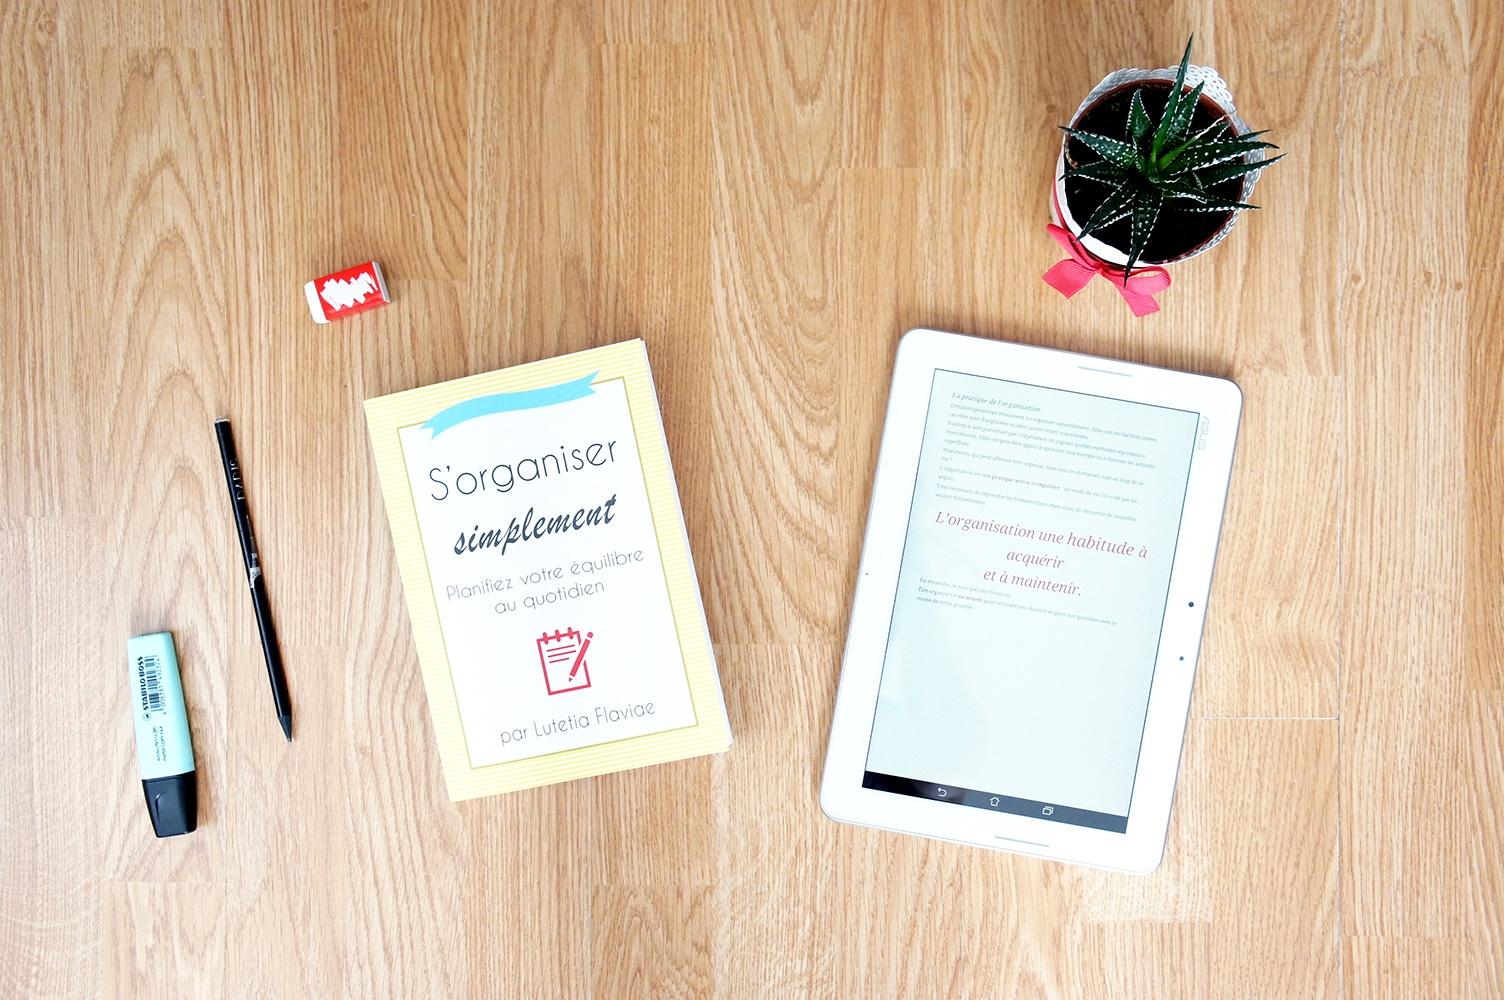 S'organiser simplement : Méthode de gestion du temps holistique 2